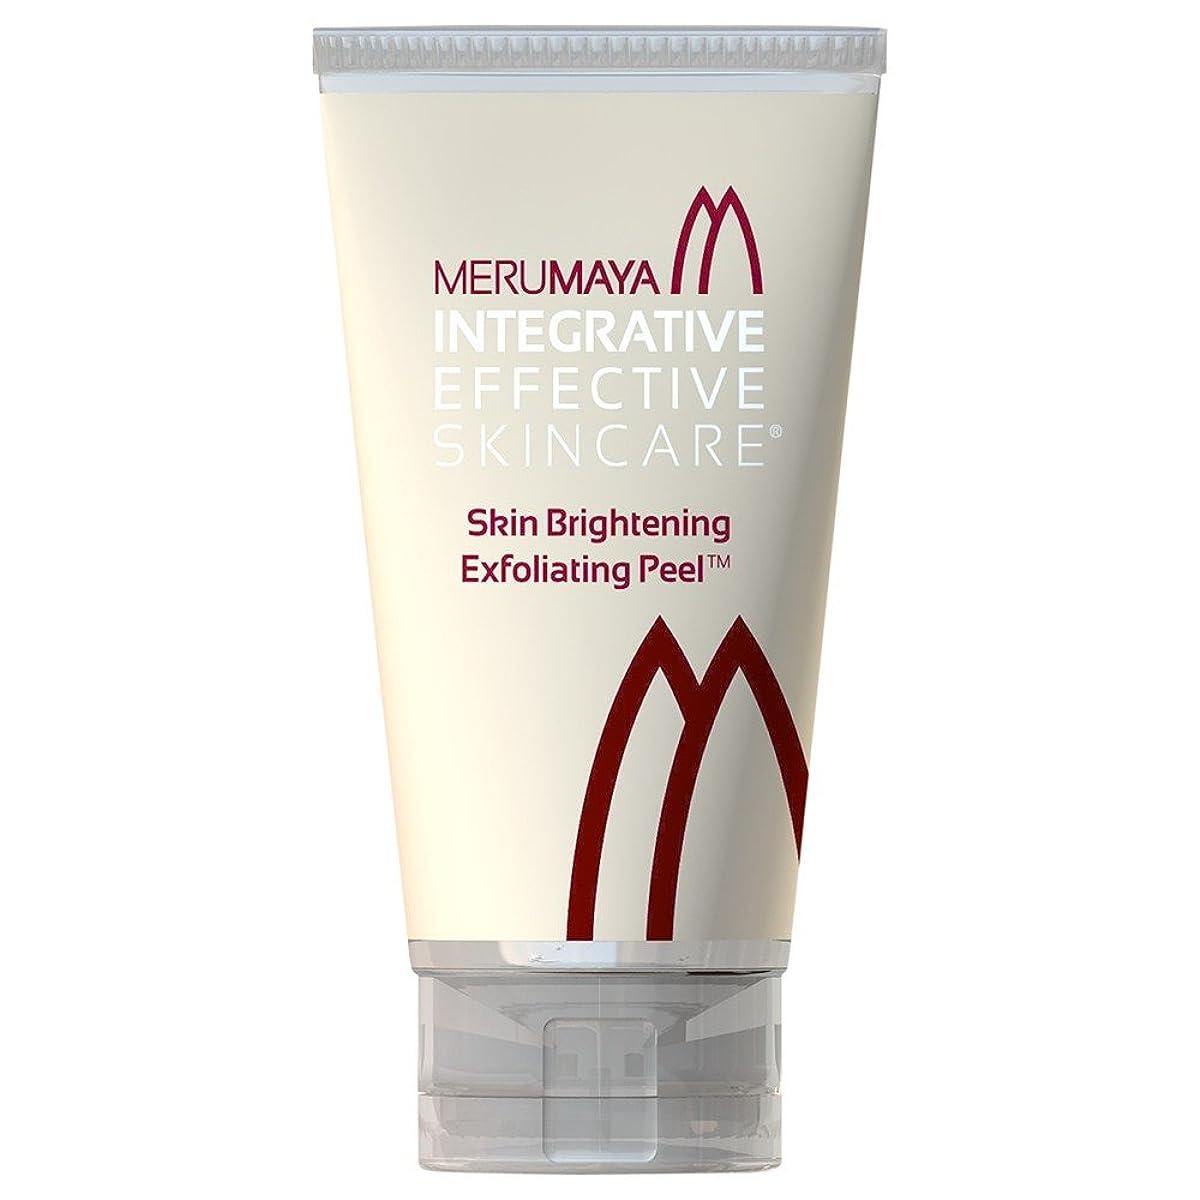 百スケジュール空洞Merumayaスキンブライトニングピーリング剥離?の50ミリリットル (Merumaya) (x2) - MERUMAYA Skin Brightening Exfoliating Peel? 50ml (Pack of 2) [並行輸入品]